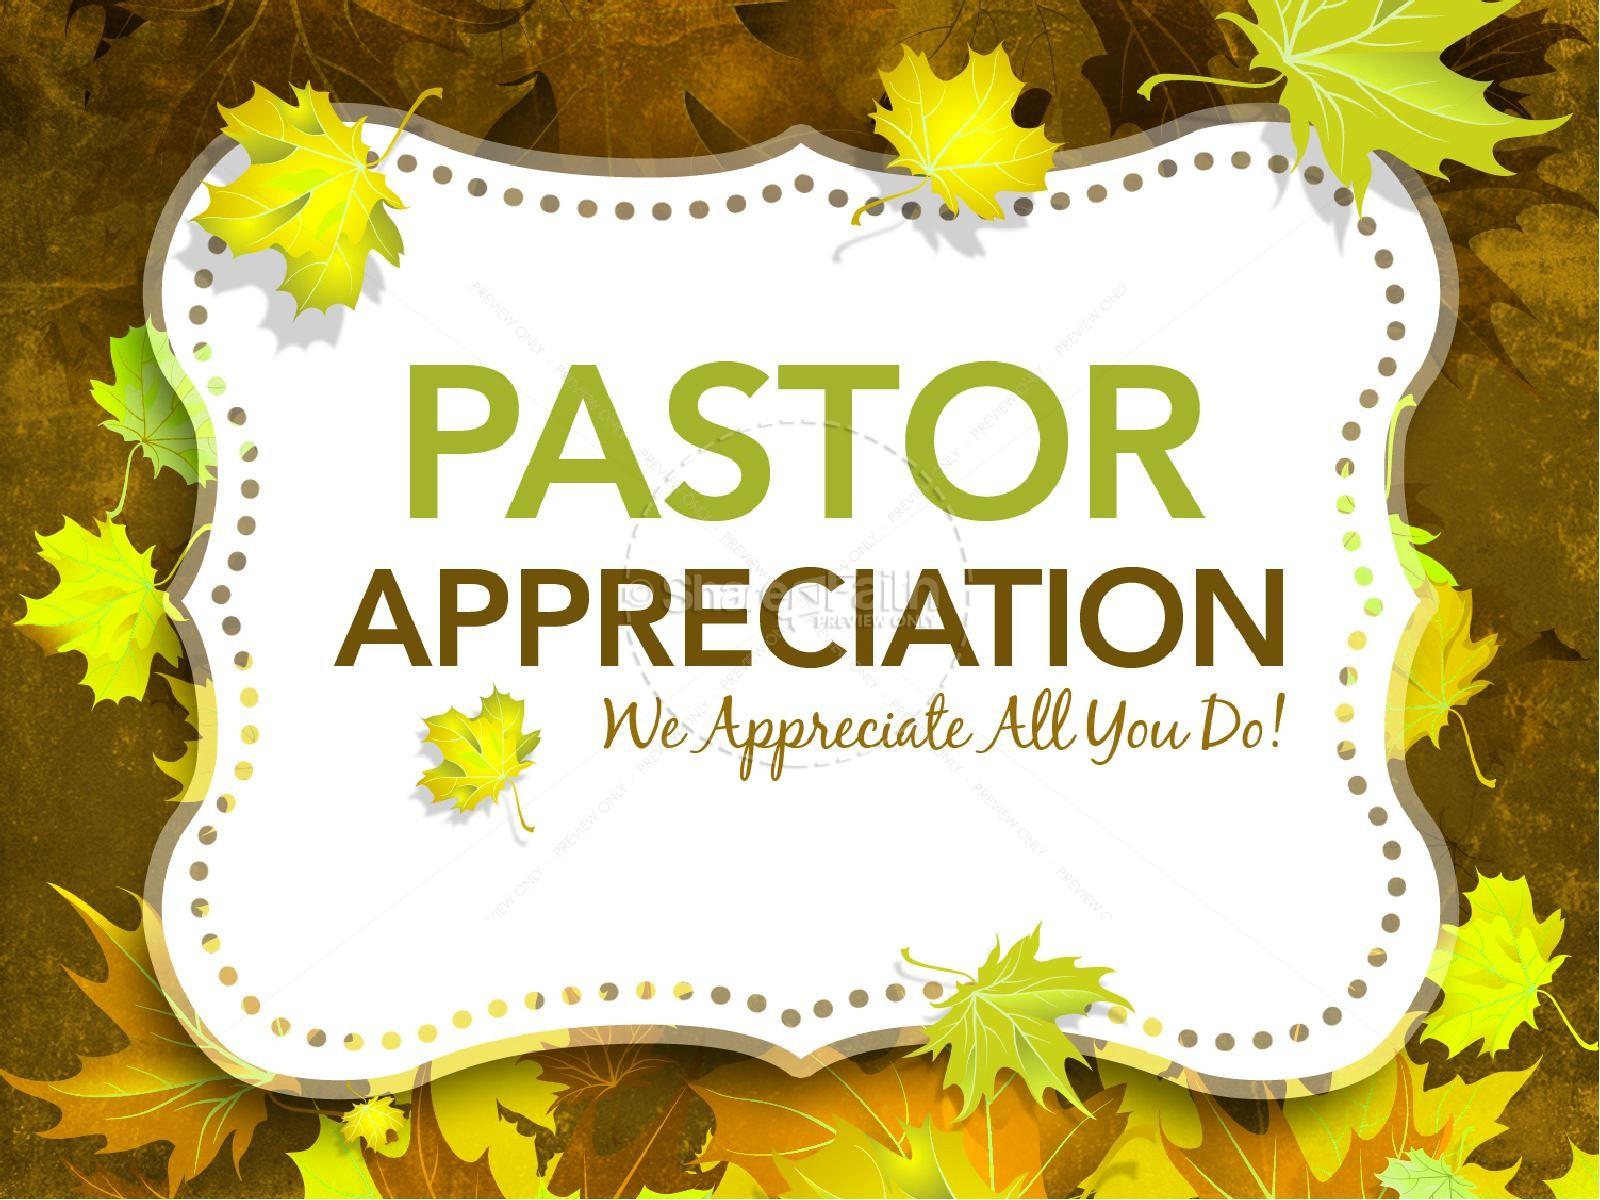 Pastor 5 Year Anniversary Clipart.